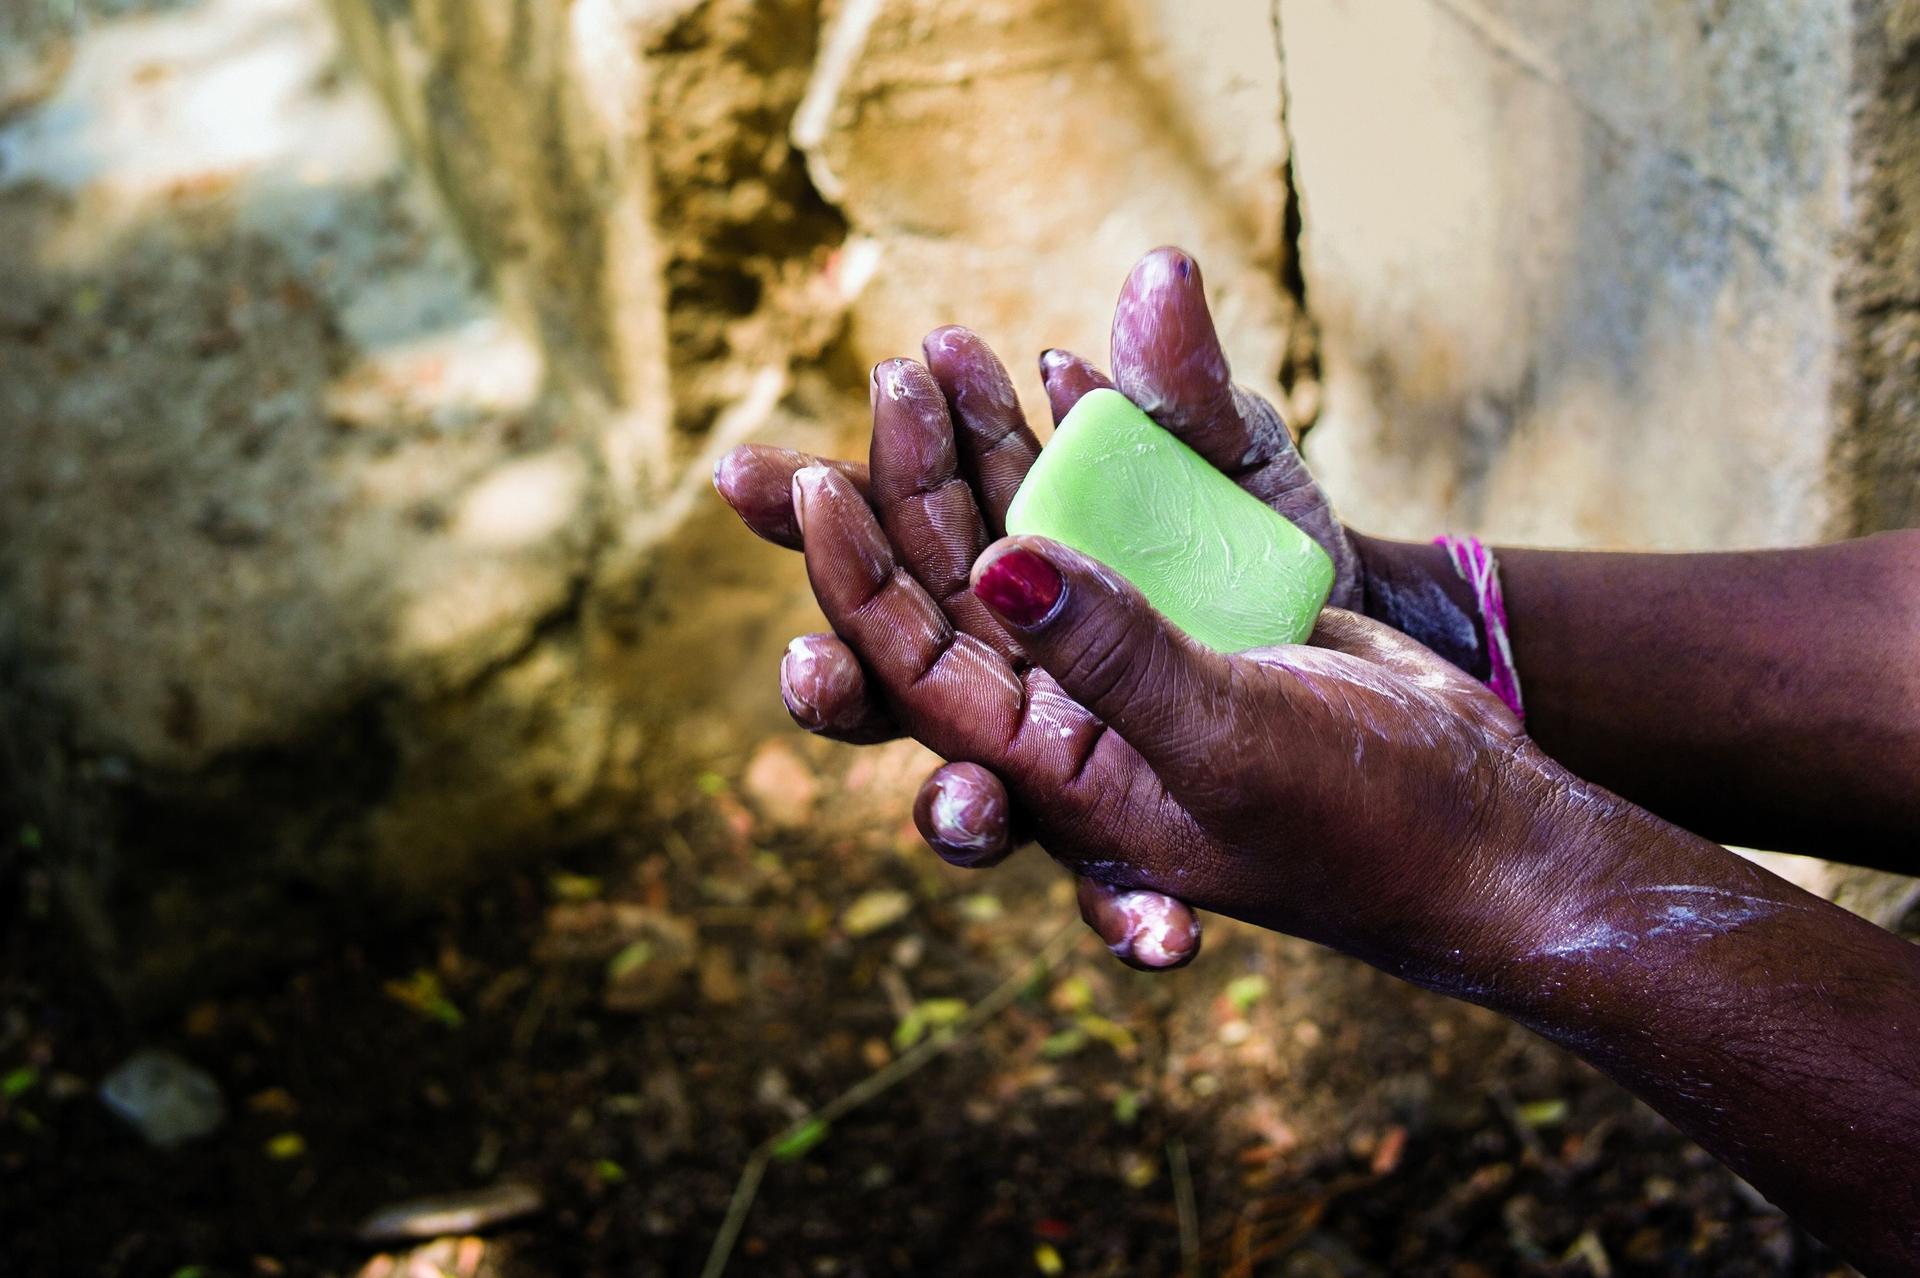 在印度安德拉邦的戈里哥達帕里村,一所學校的老師正在向學童示範正確的洗手方式。PHOTO: SANJIT DAS/PANOS PICTURES/REDUX